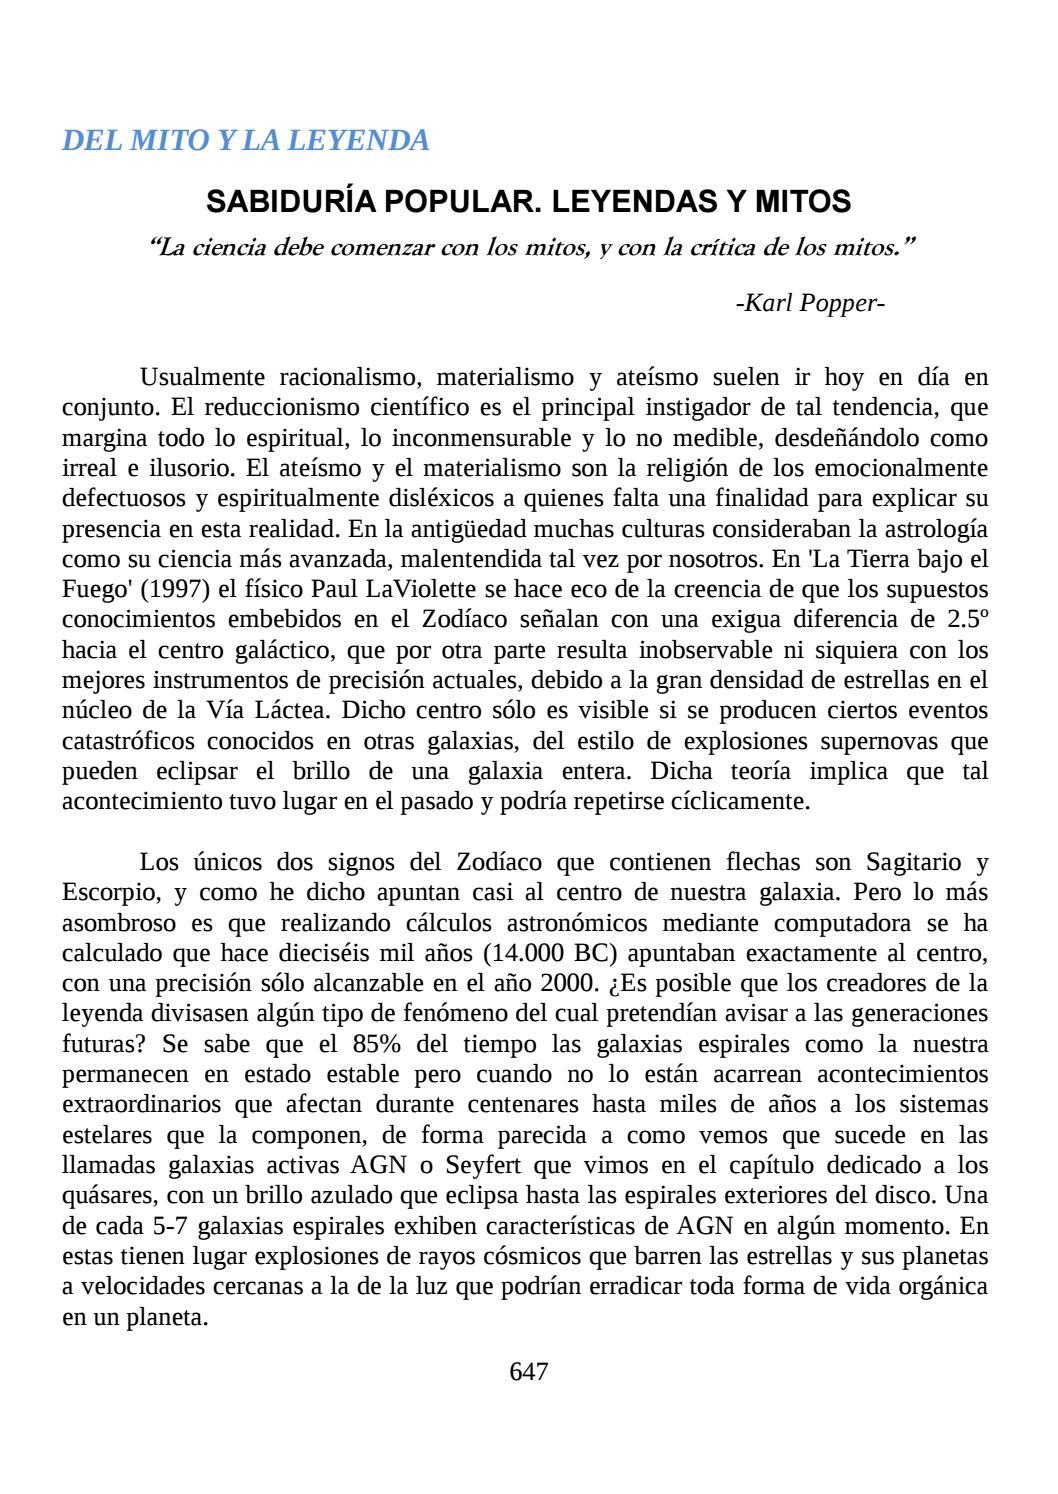 Martillo maneja Marrón Con Bolsa De Regalo Gemelos /& Sierra Constructor Carpintero Nuevo